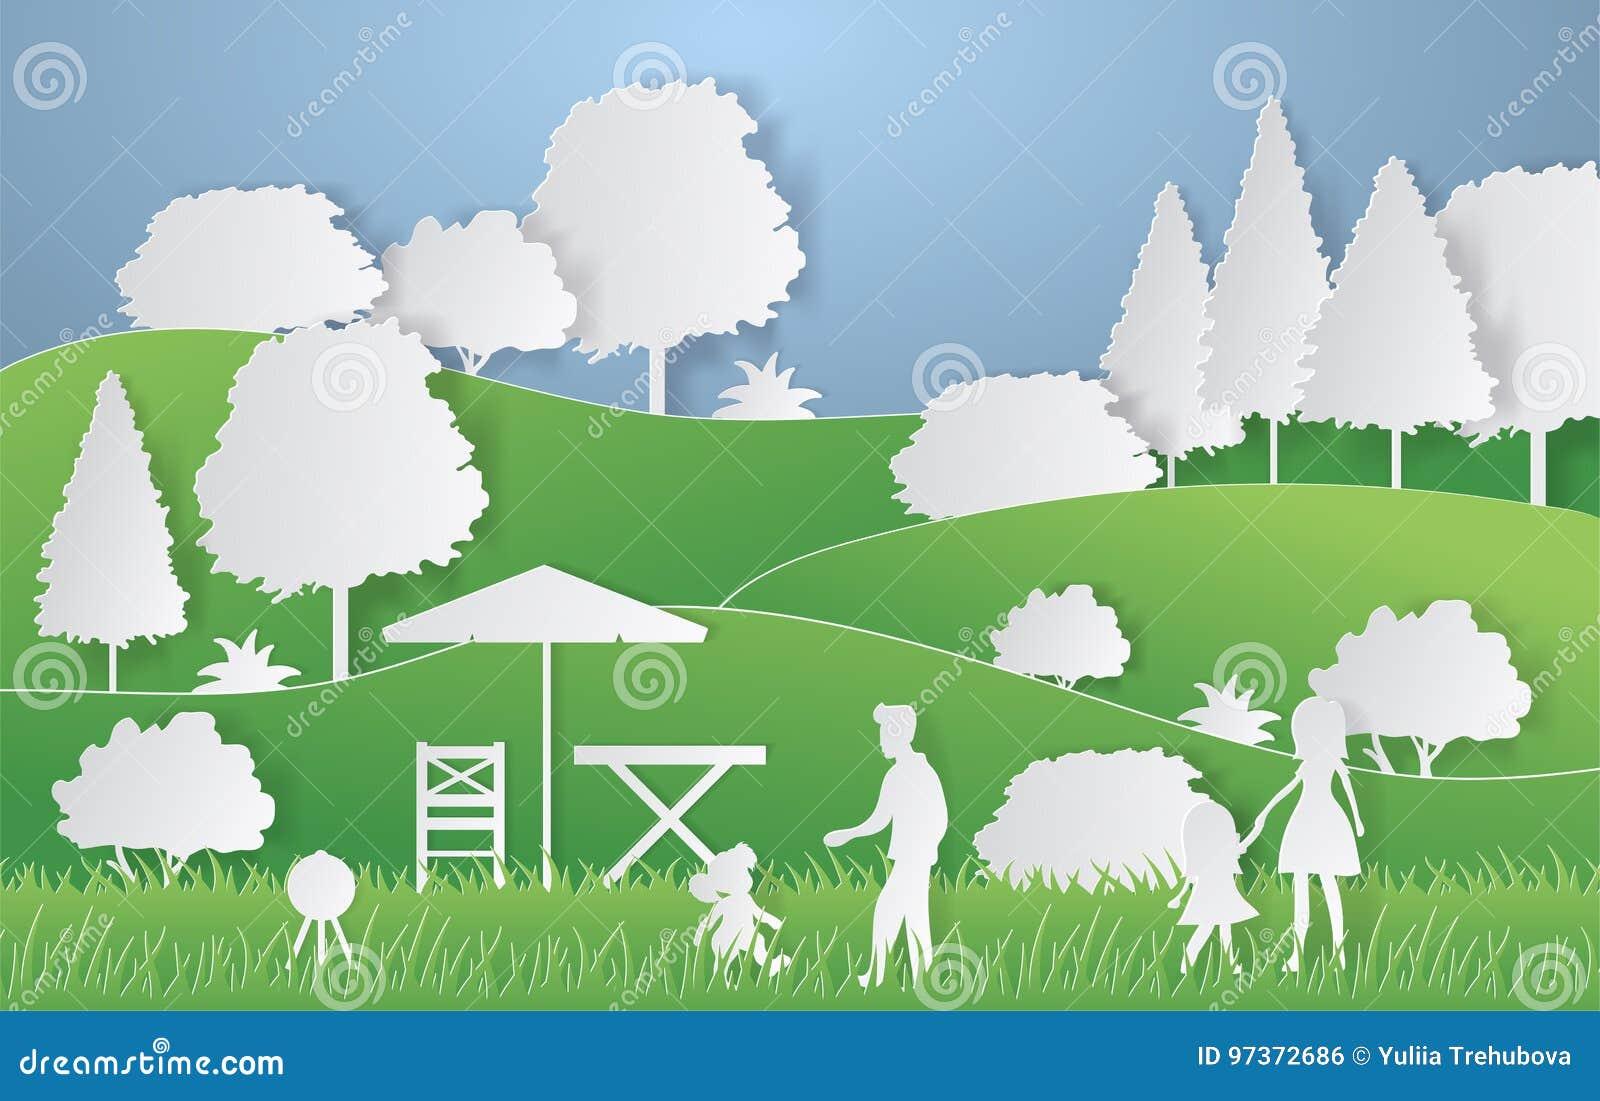 夏天野营的纸裁减样式 与小山,树,野餐的人们的概念 也corel凹道例证向量